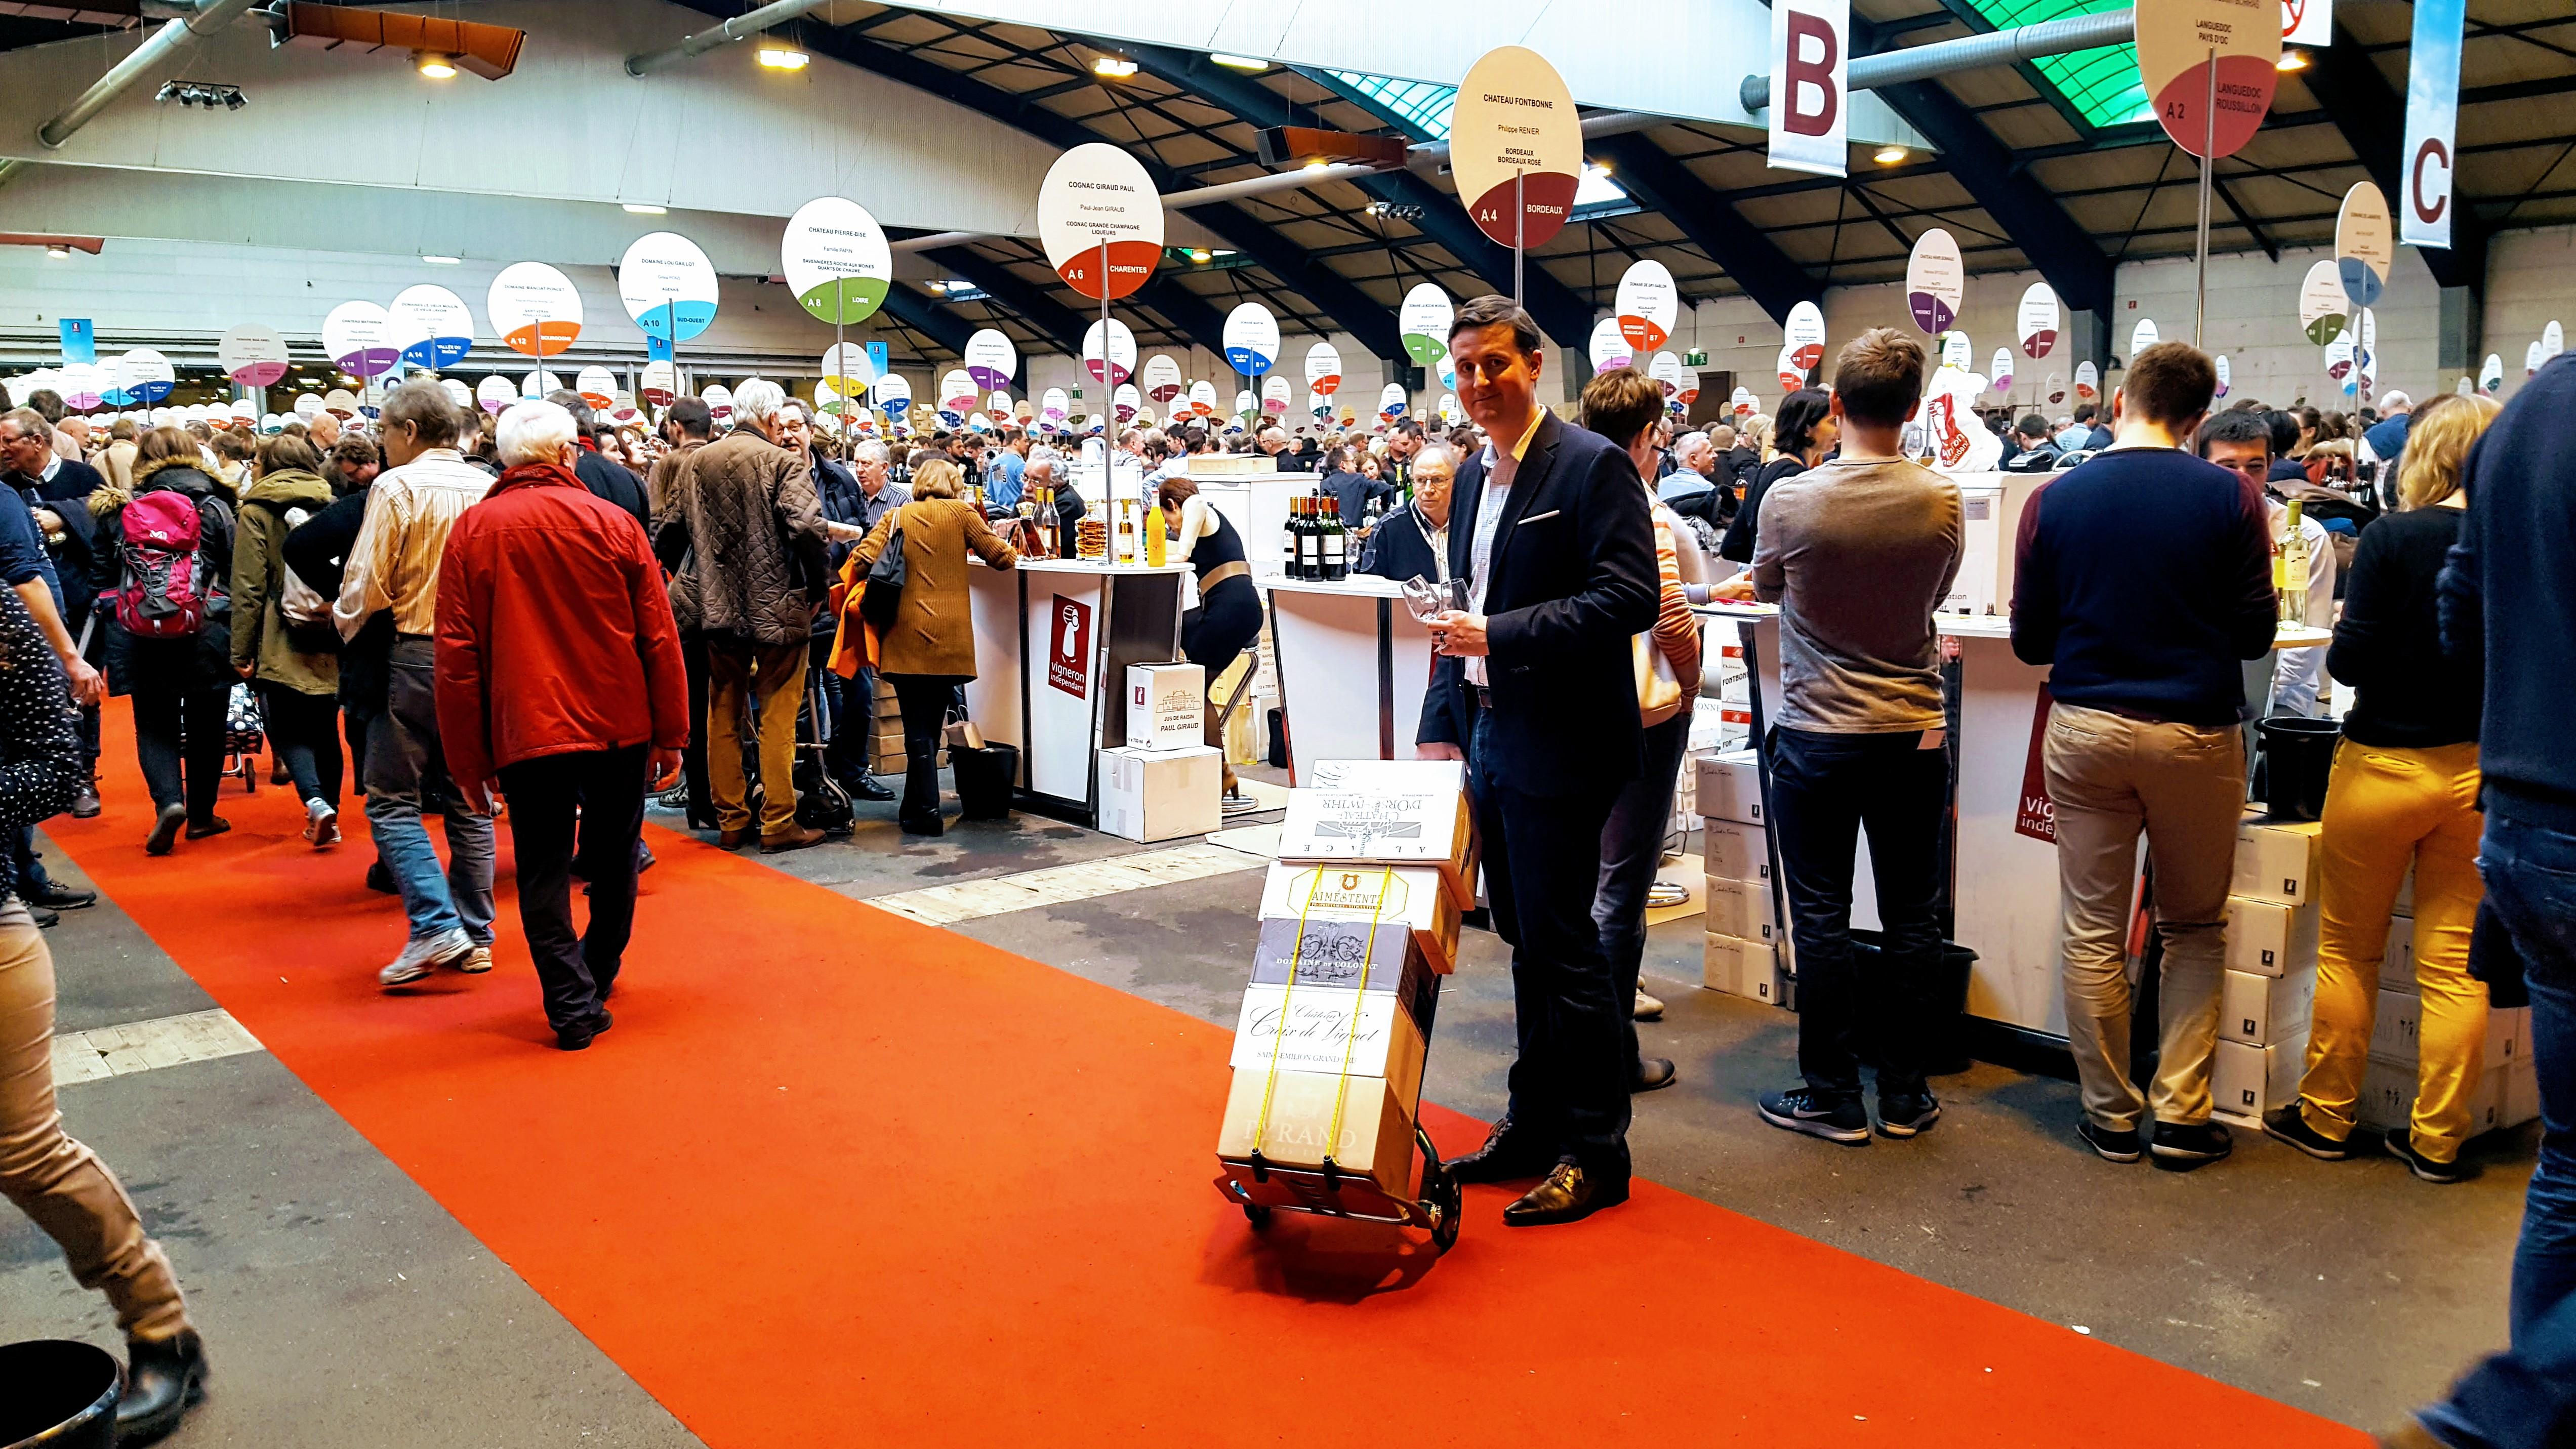 Salon des vins des vignerons ind pendants strasbourg 2017 our - Salon des vignerons independants strasbourg ...